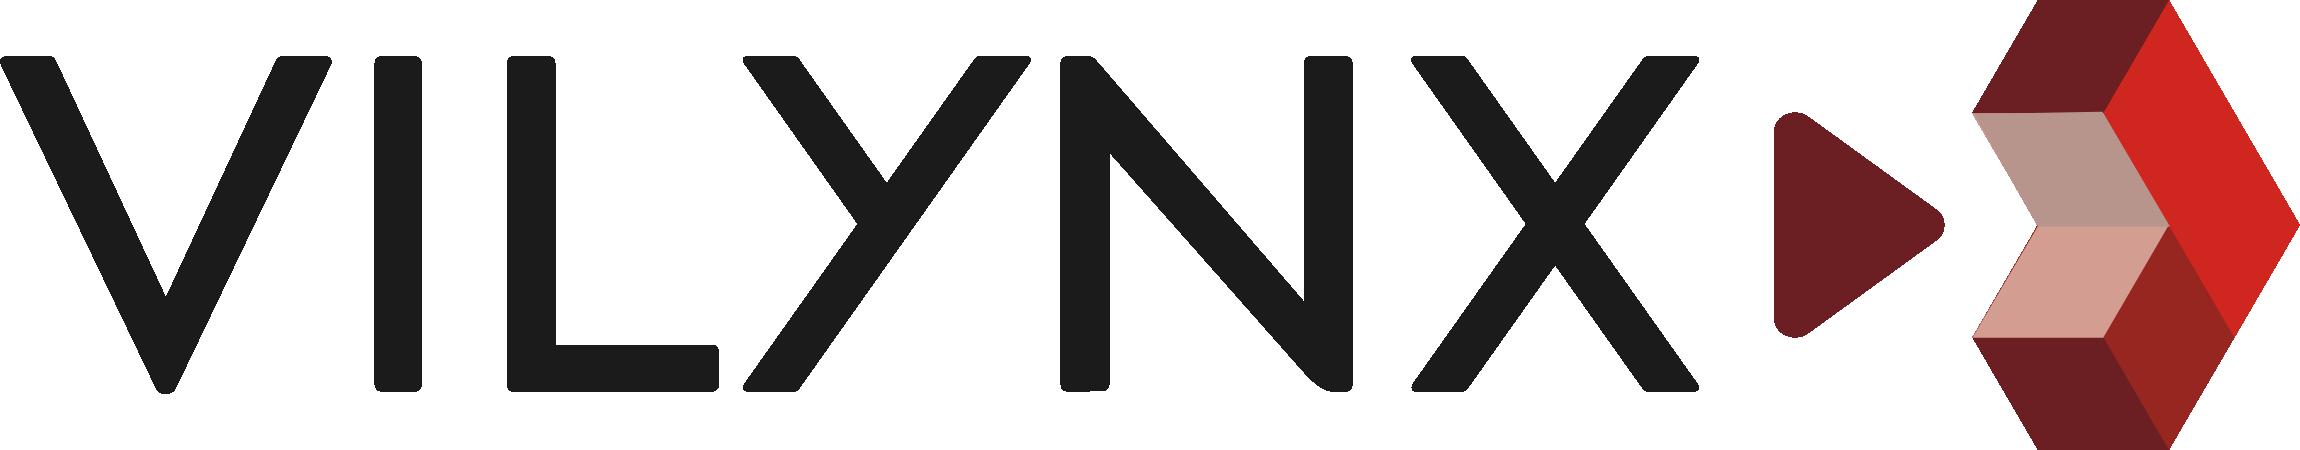 Logo de ViLynx Spain SLU